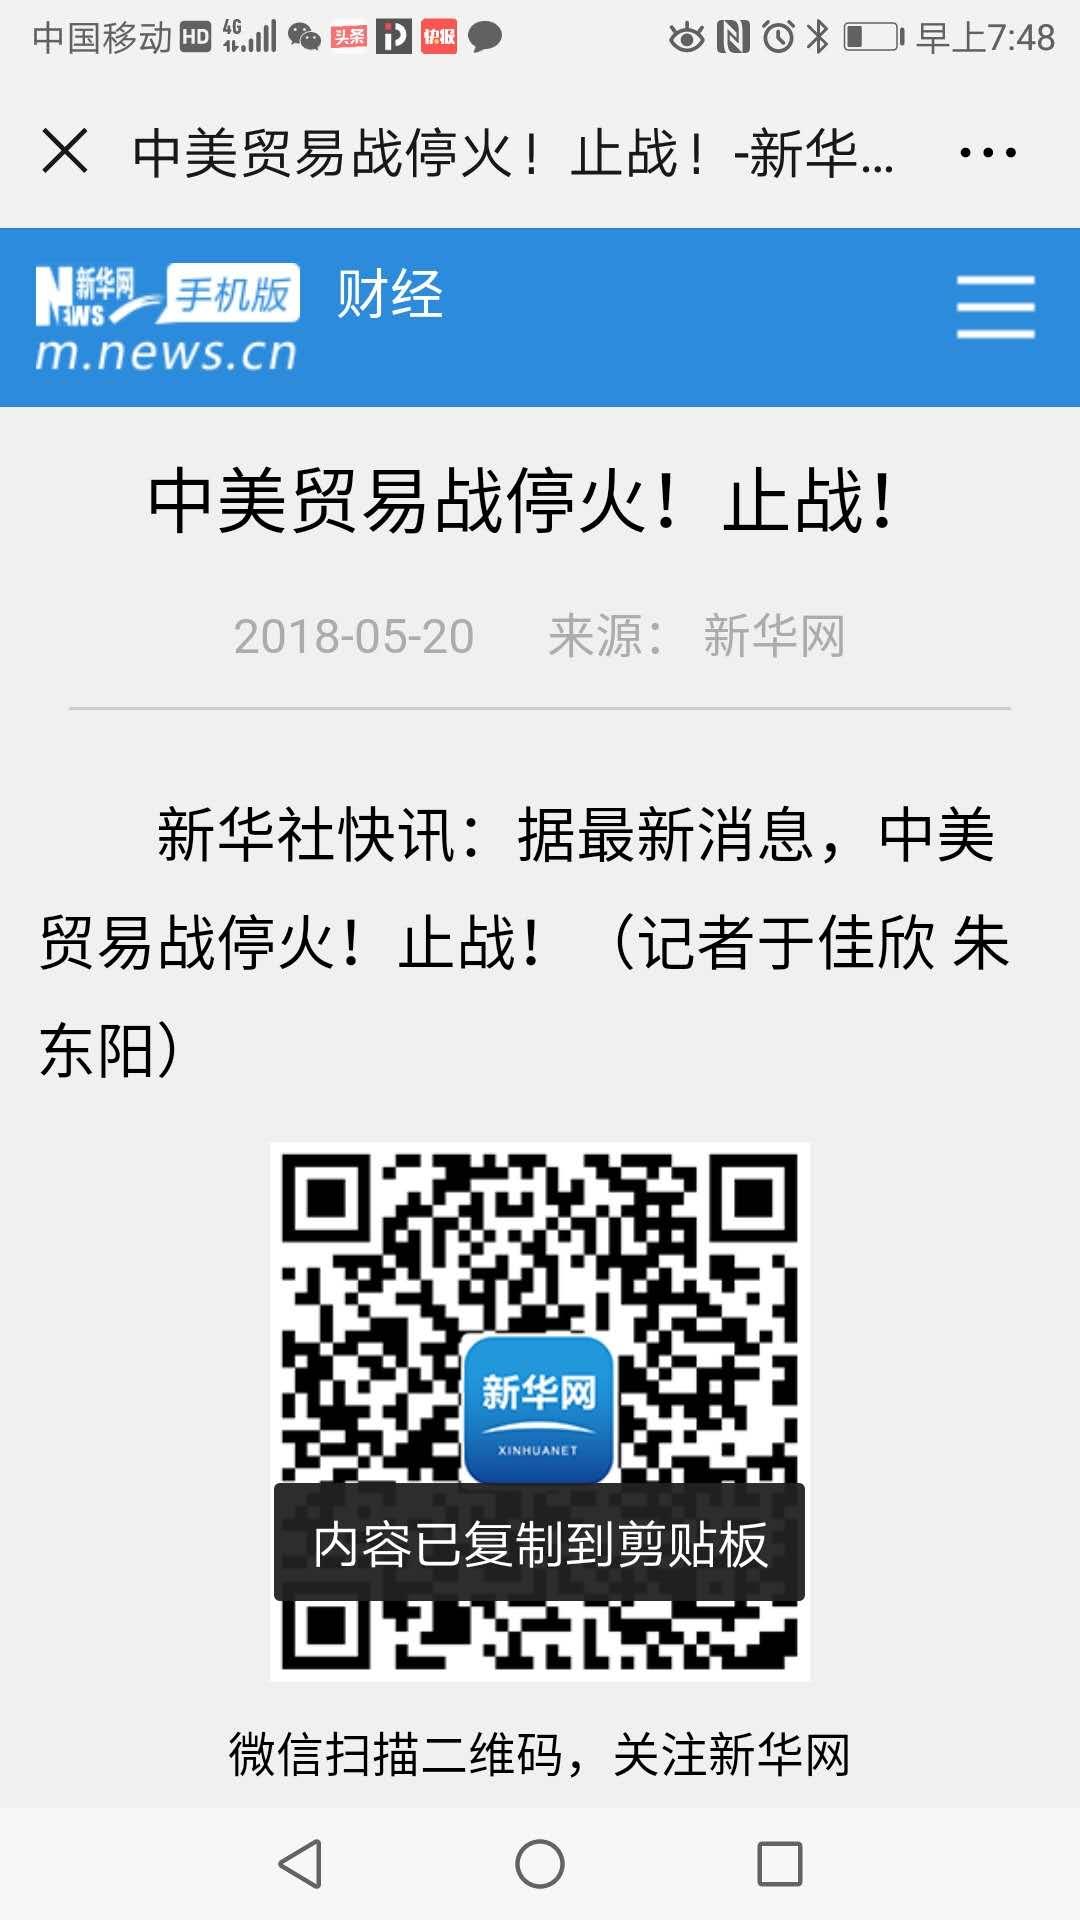 """""""中美贸易战停火!止战!""""系旧稿"""